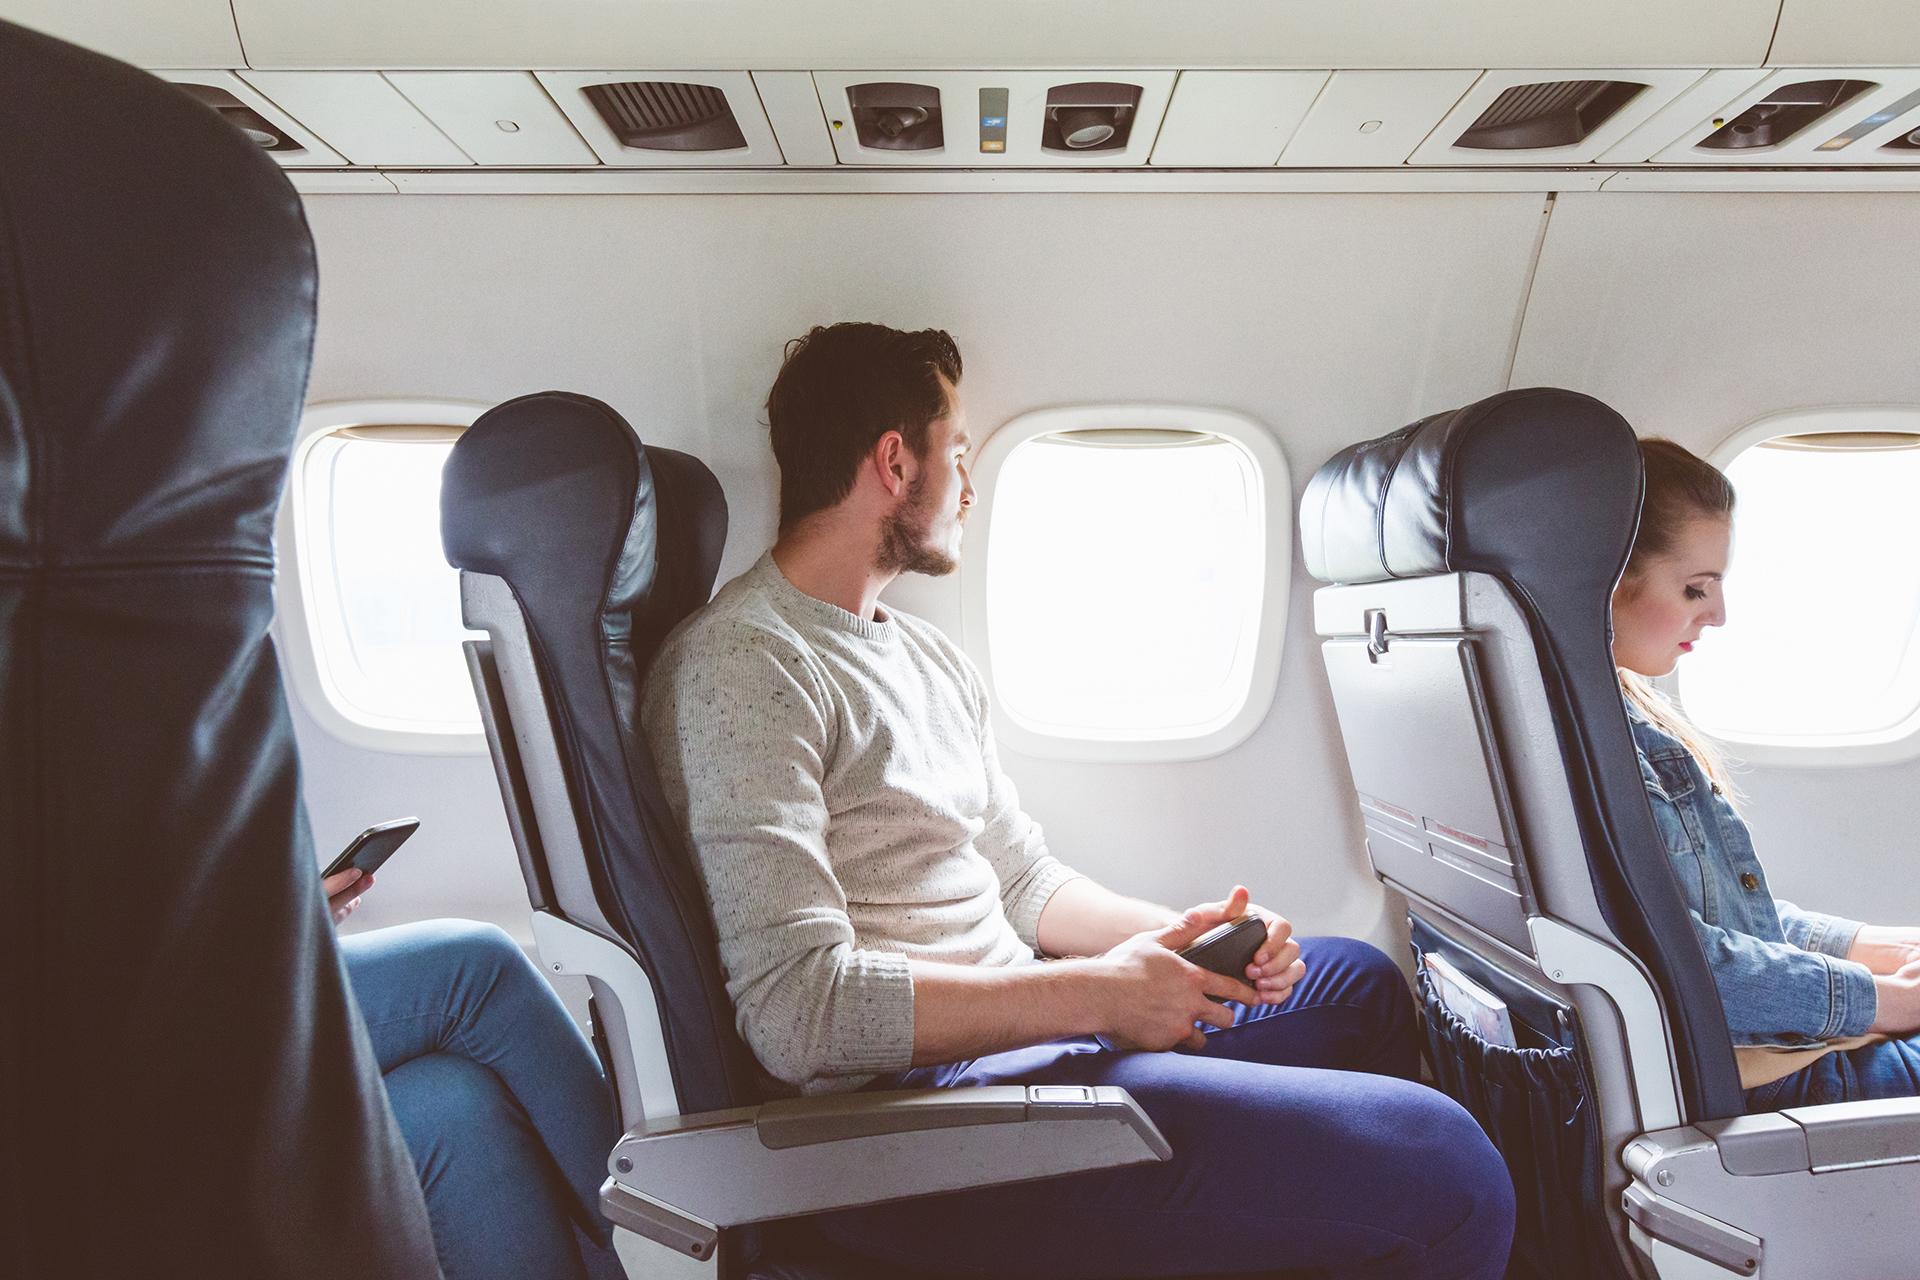 Mayor control y menos esperas, prioridades principales de los pasajeros: IATA